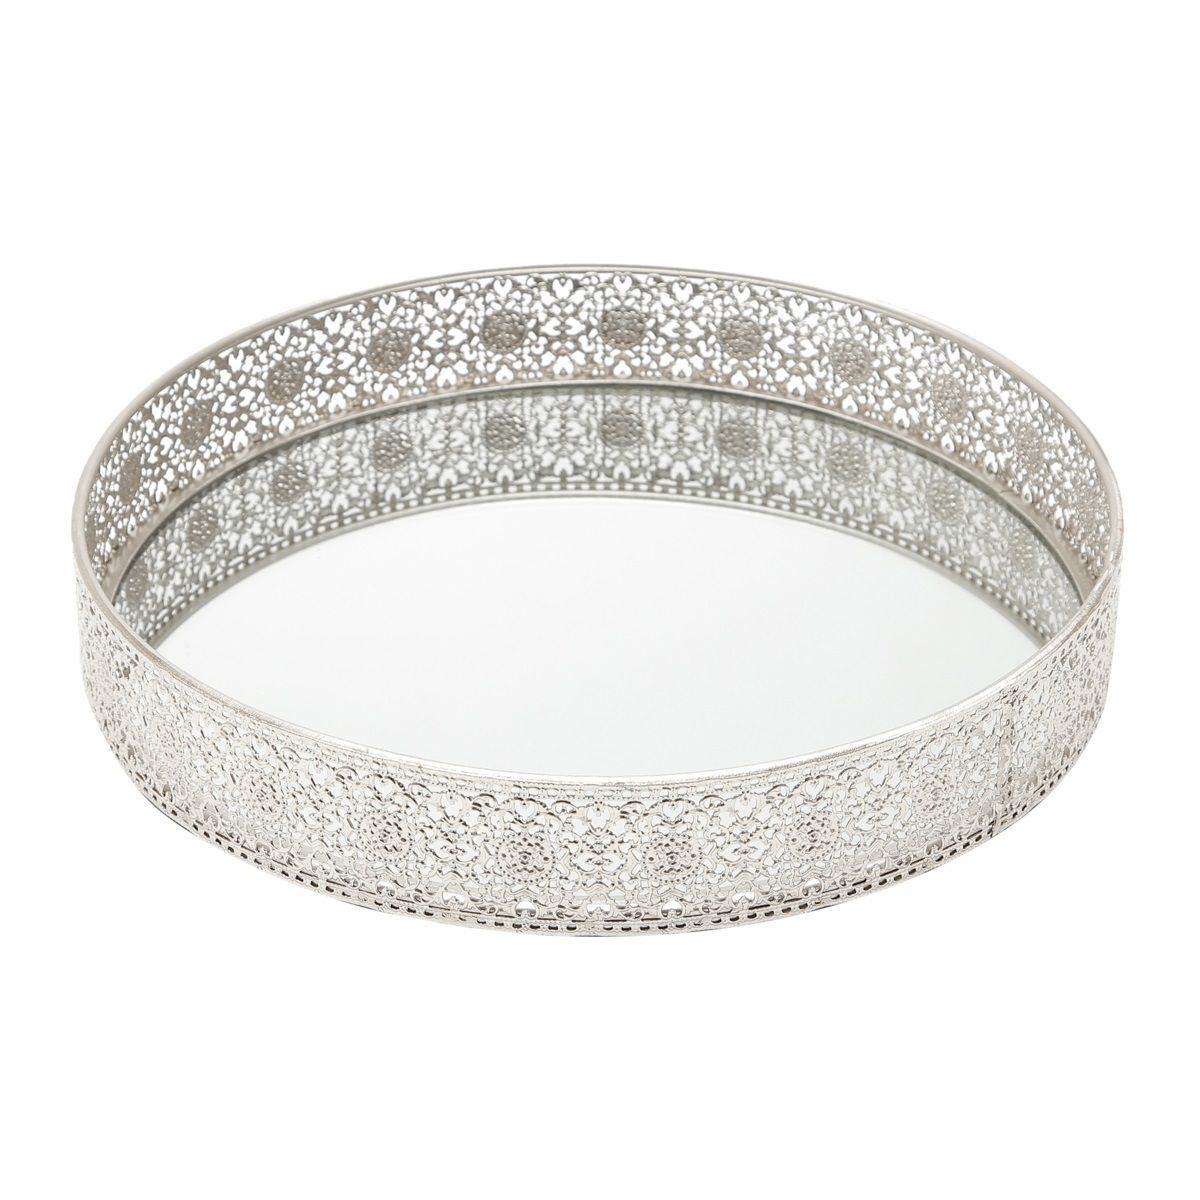 Bandeja, Suporte 24 cm de ferro niquelado esmaltado prata com espelho Prestige - 3980